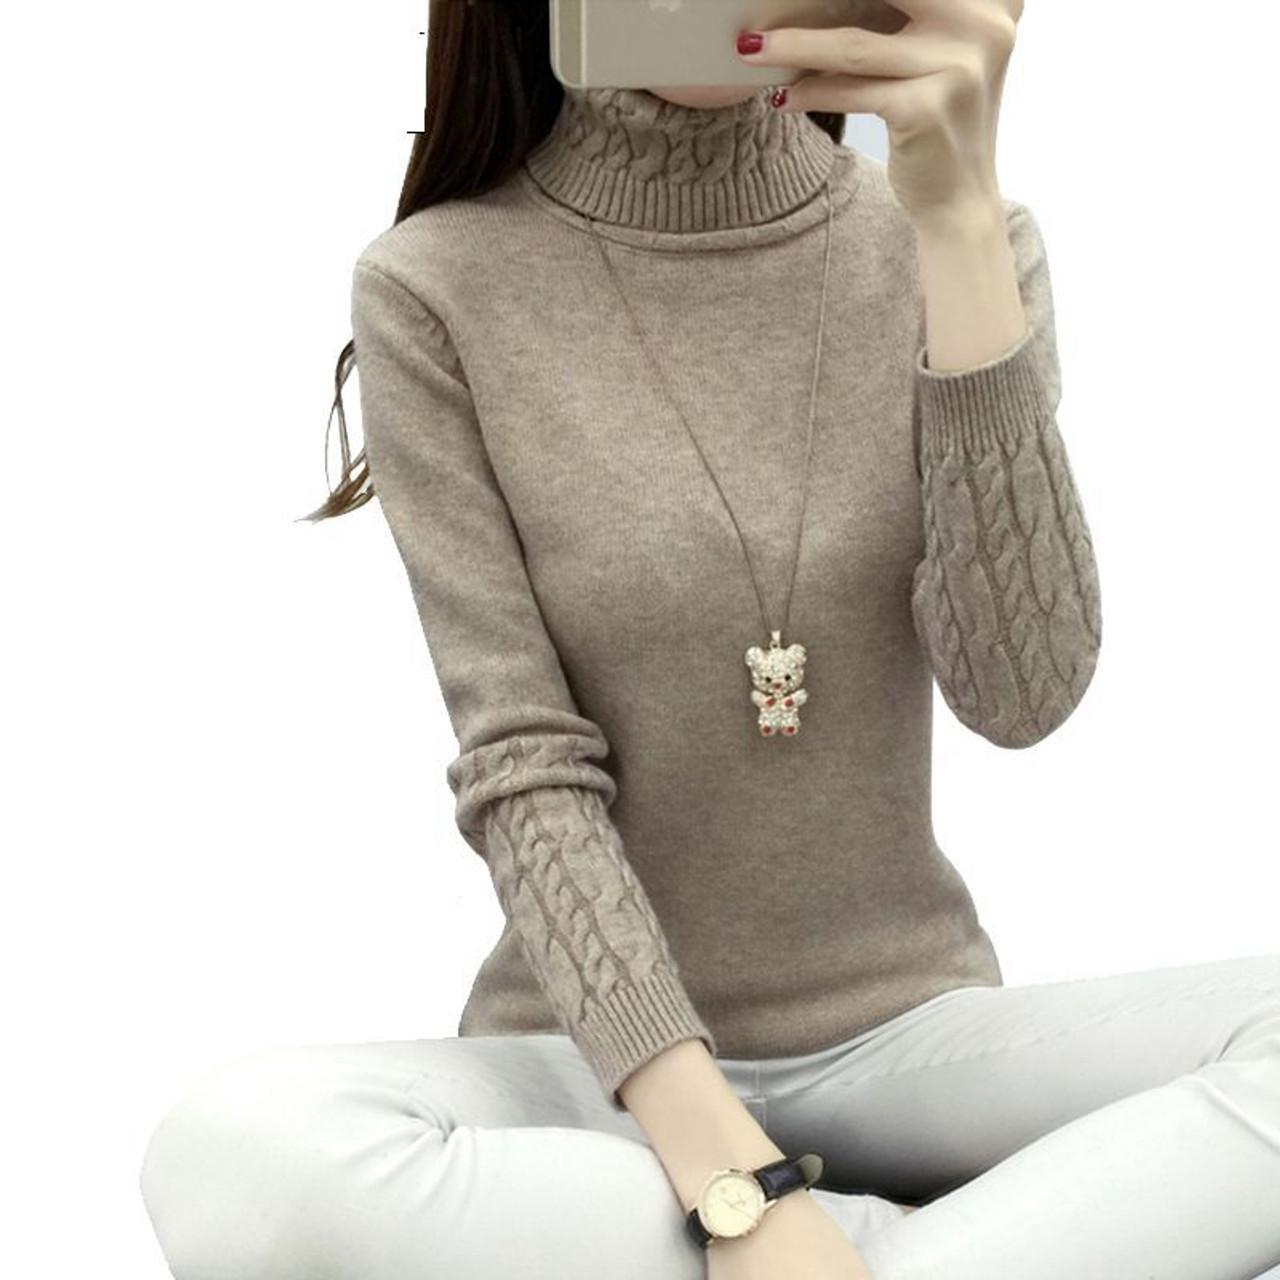 Pullover Ohclothing 2018 Neue Winter Pullover Frauen Pullover Frauen Kleidung & Zubehör